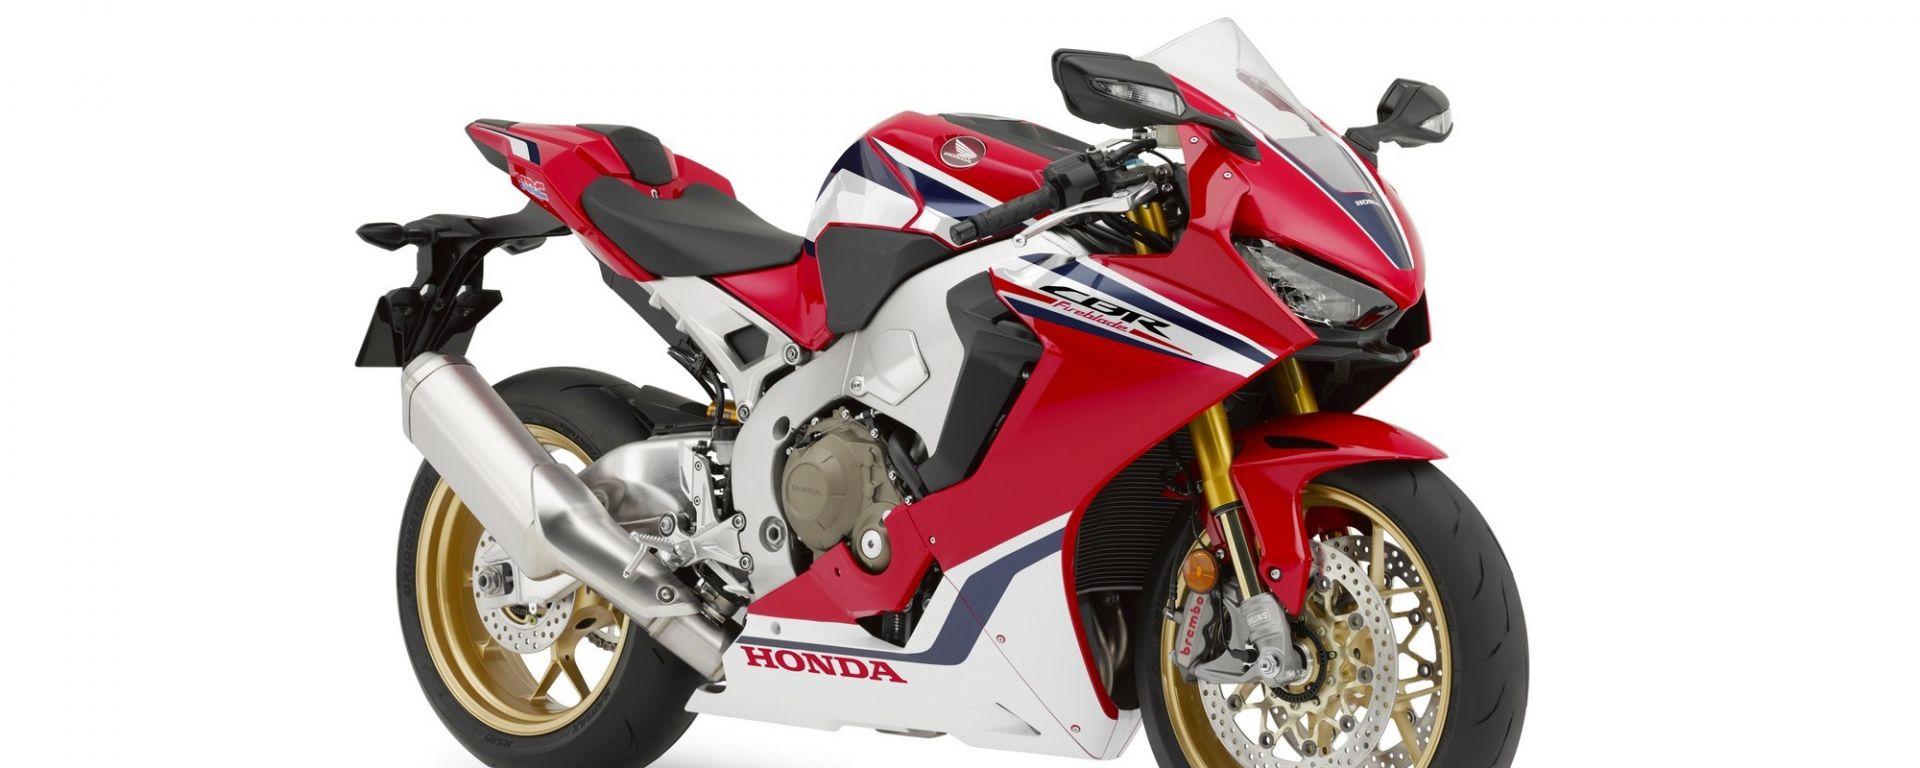 Honda CBR1000RR SP Fireblade 2019 Tricolor